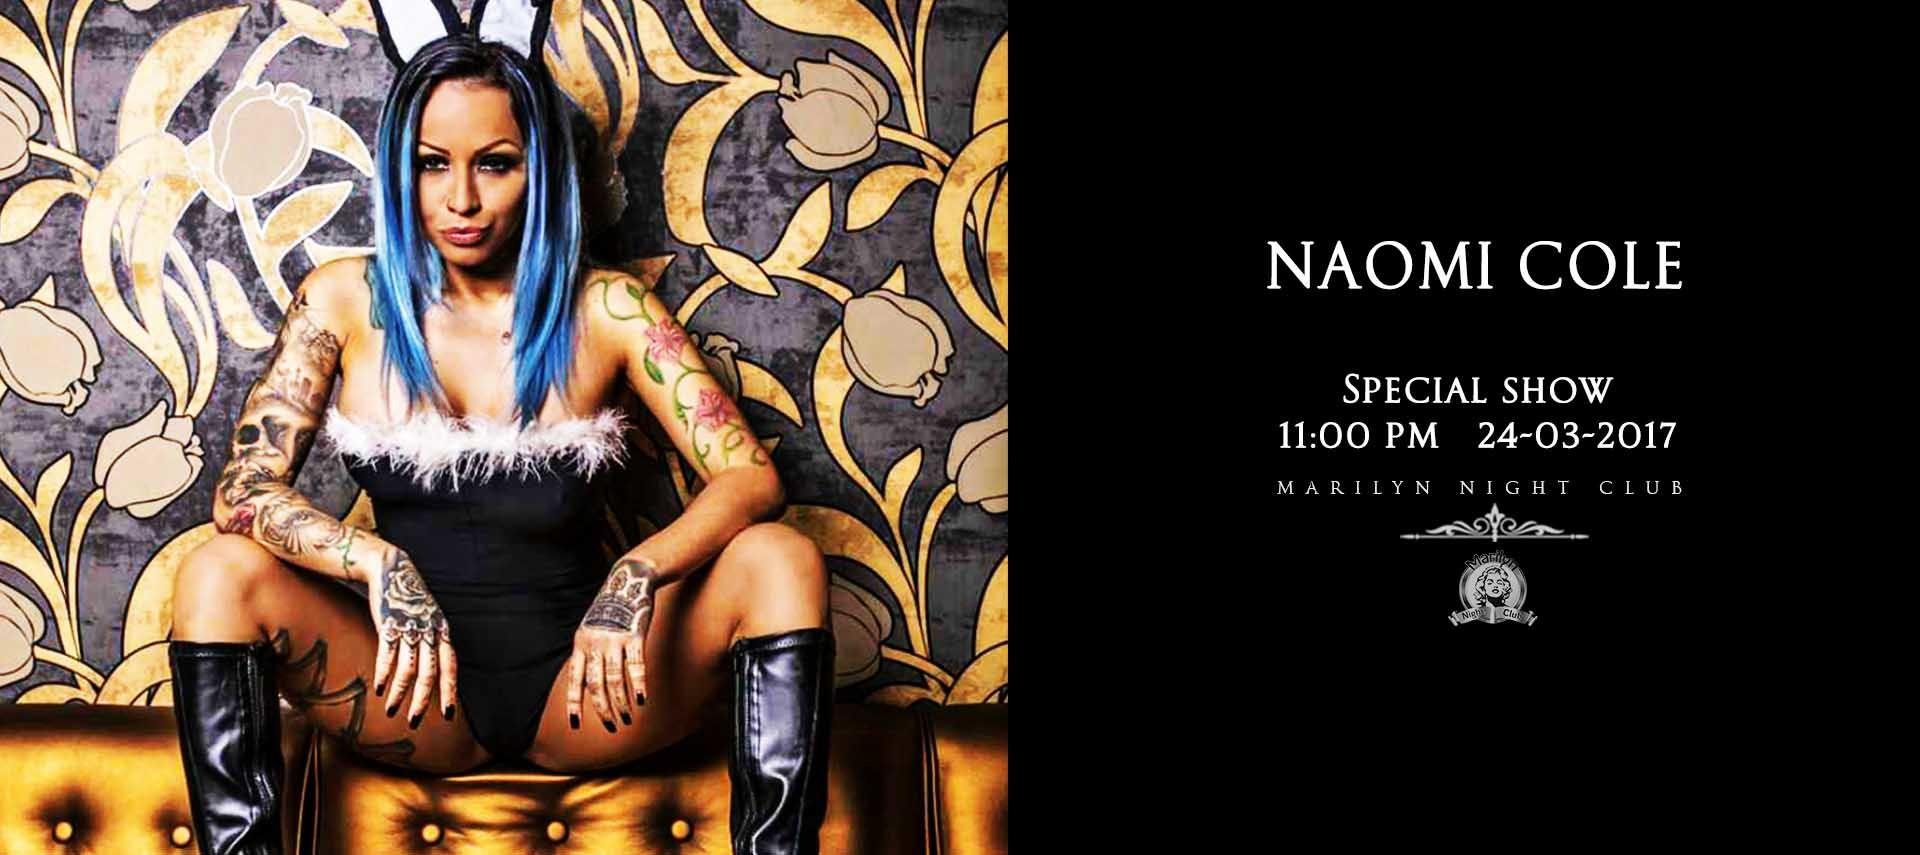 Naomi Cole Marilyn Night Club 24 03 2017